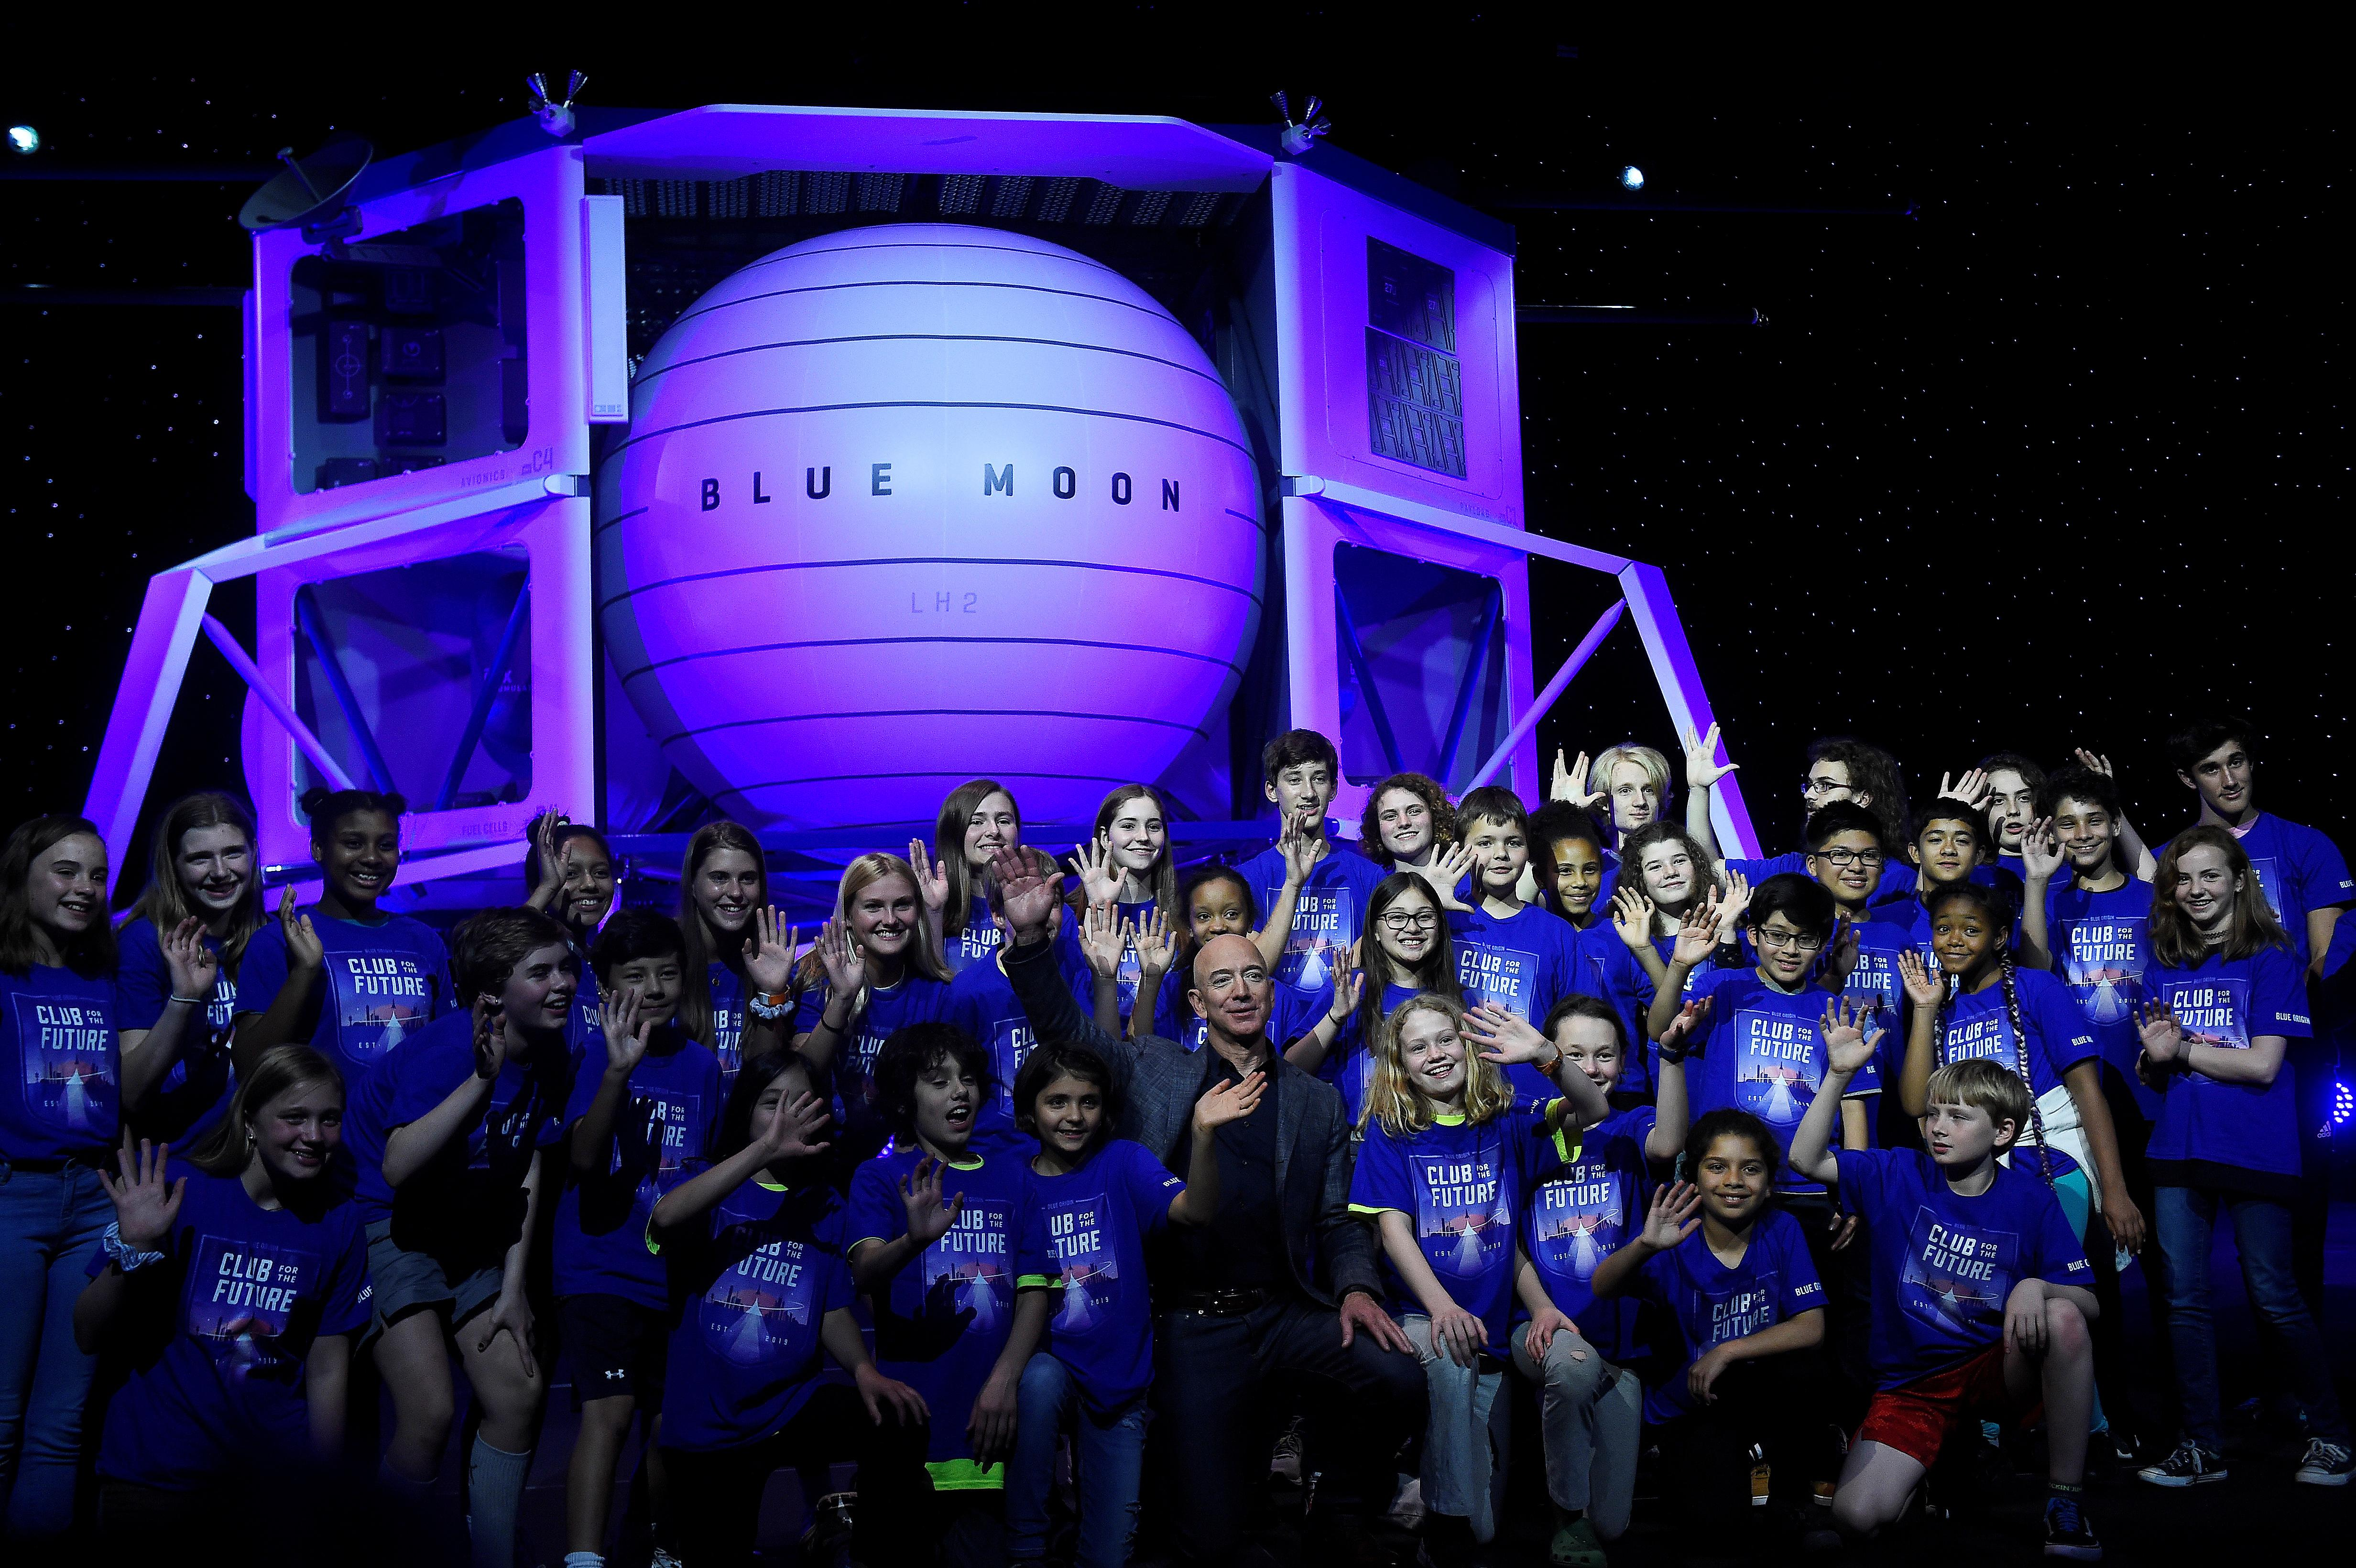 Billionaire Jeff Bezos to unveil plans for moon presence, sources say - Reuters